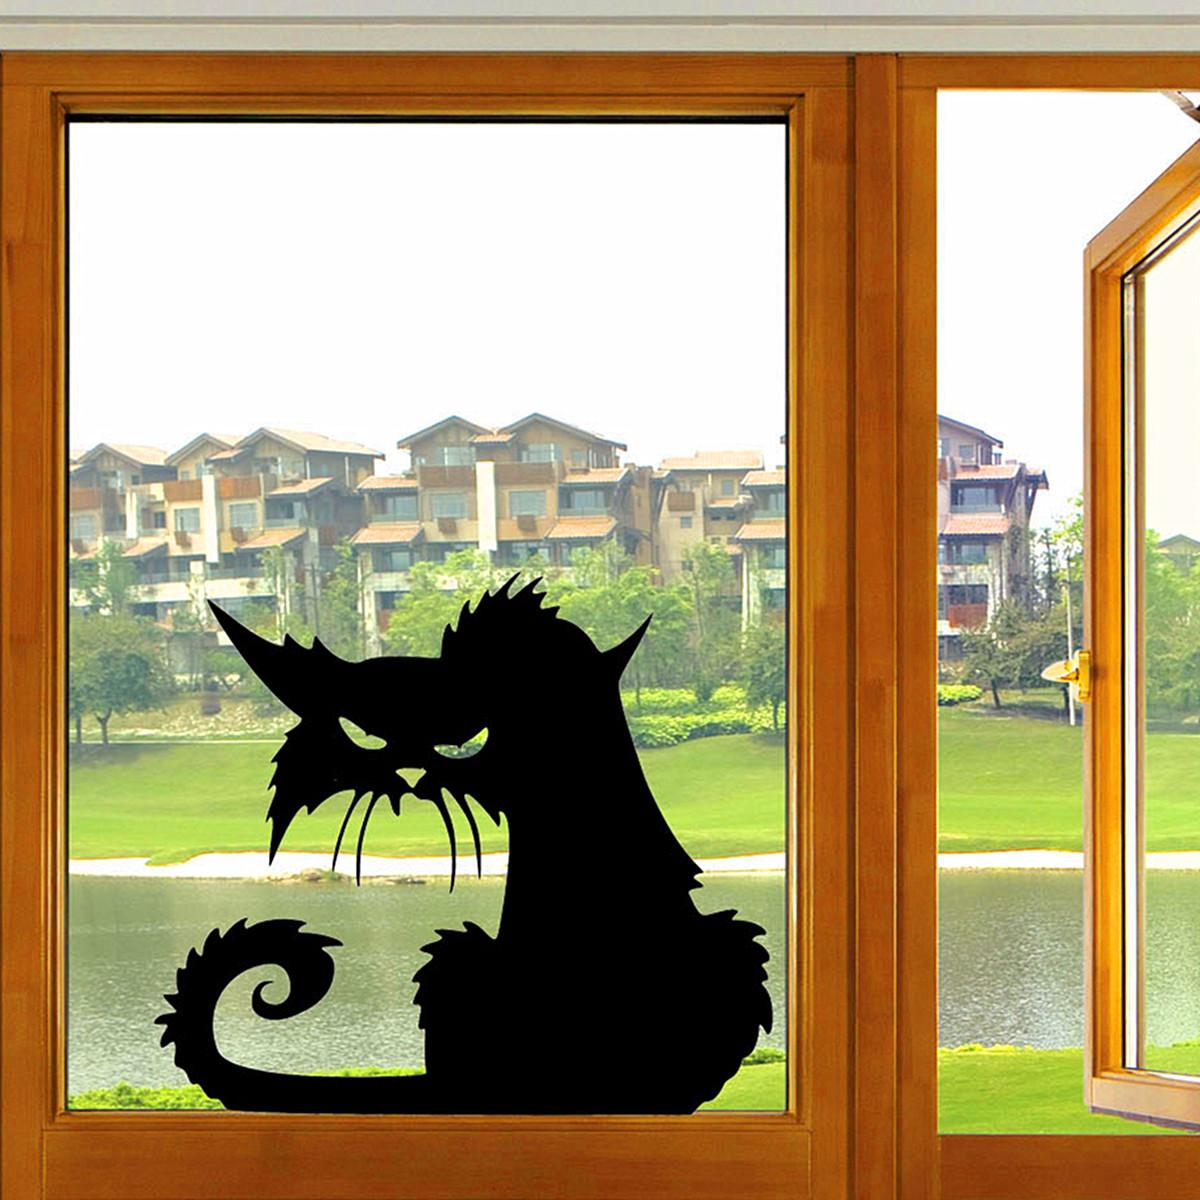 할로윈 무서운 검은 고양이 유리 스티커 할로윈 장식